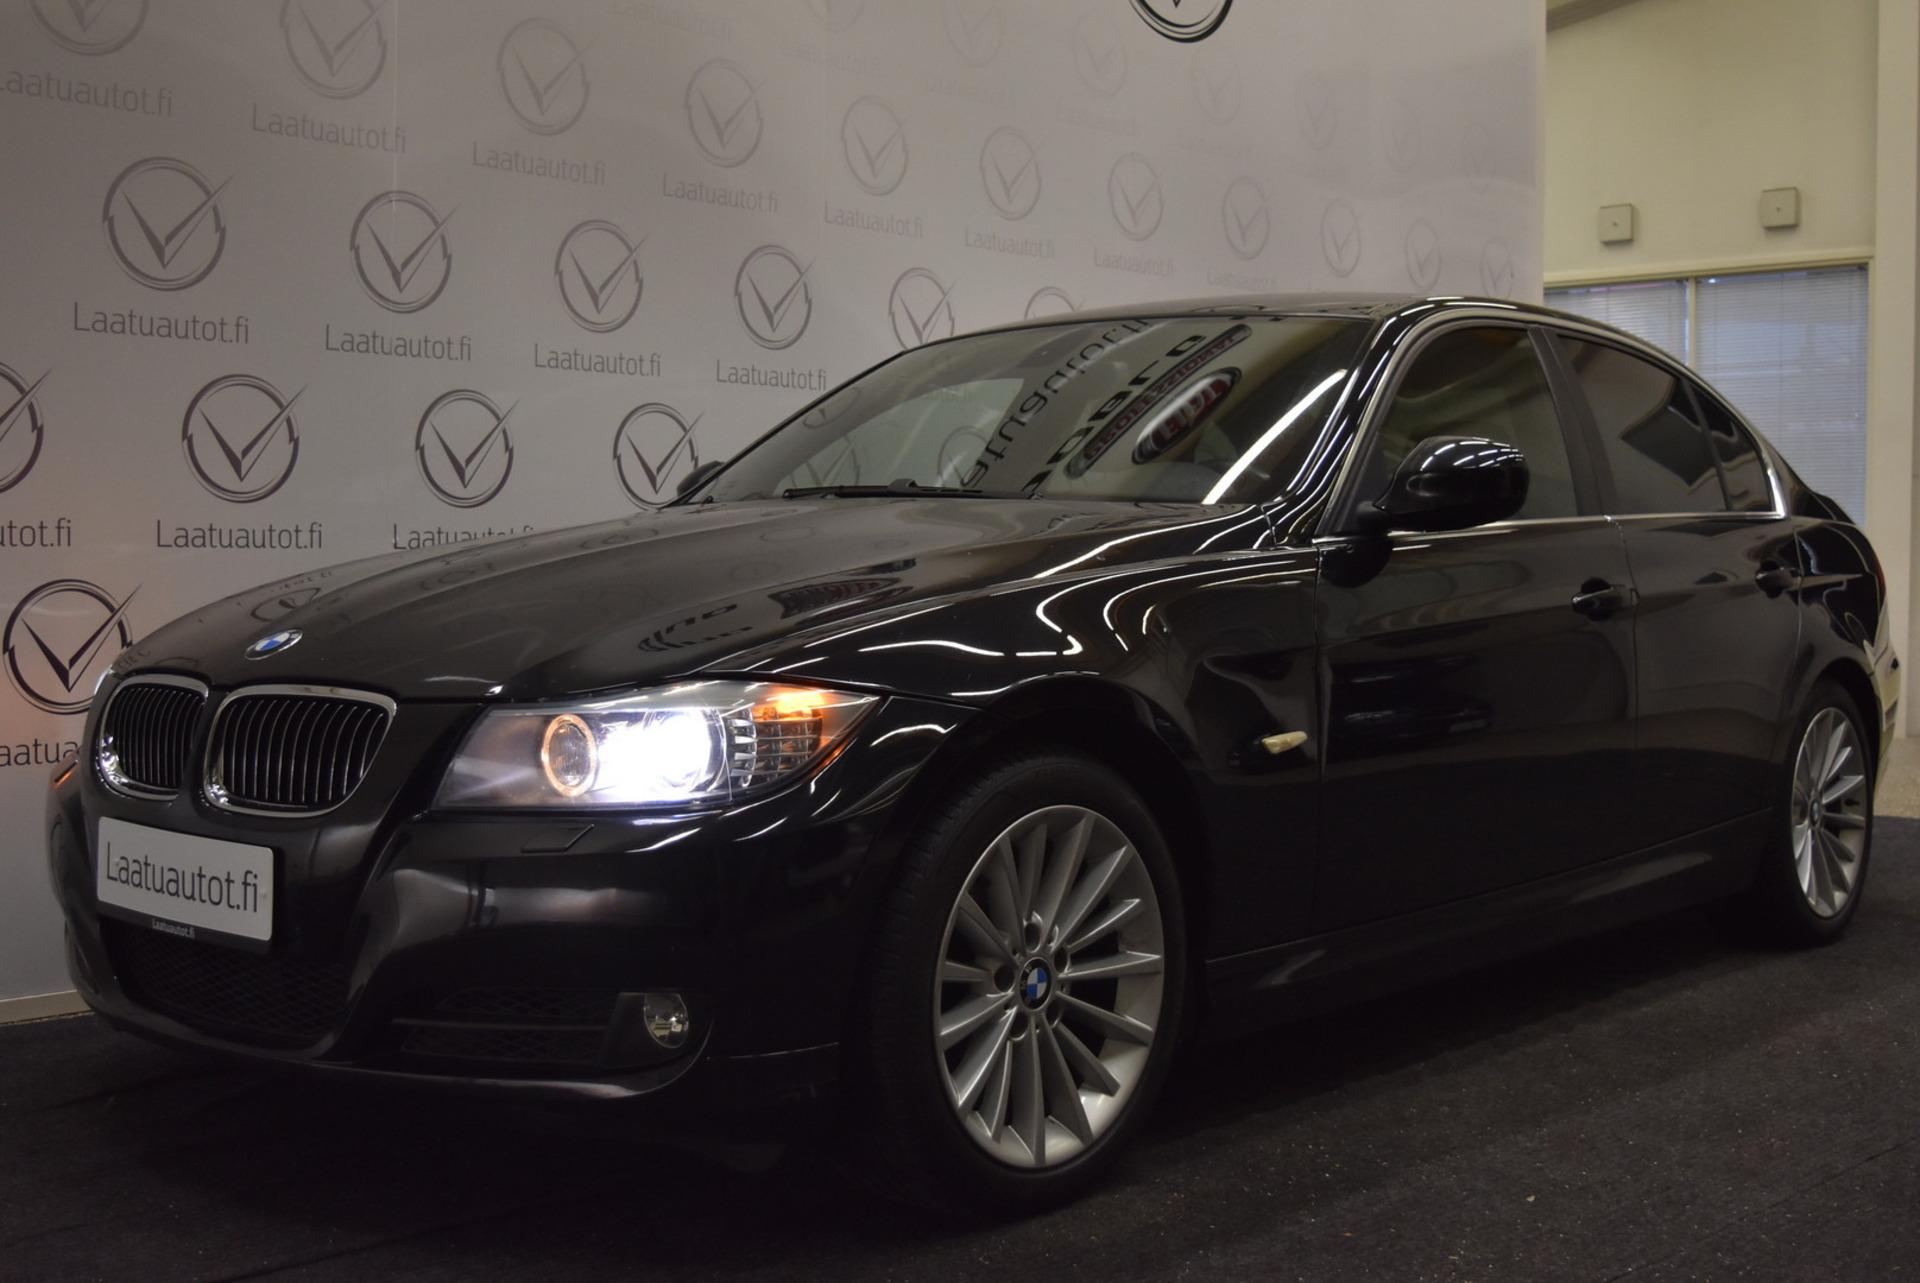 BMW 325 E90 Sedan - Rahoitus 1.89% jopa ilman käsirahaa! LCI,  Sport-penkit ja ratti,  Xenon,  AutoAC,  PDC